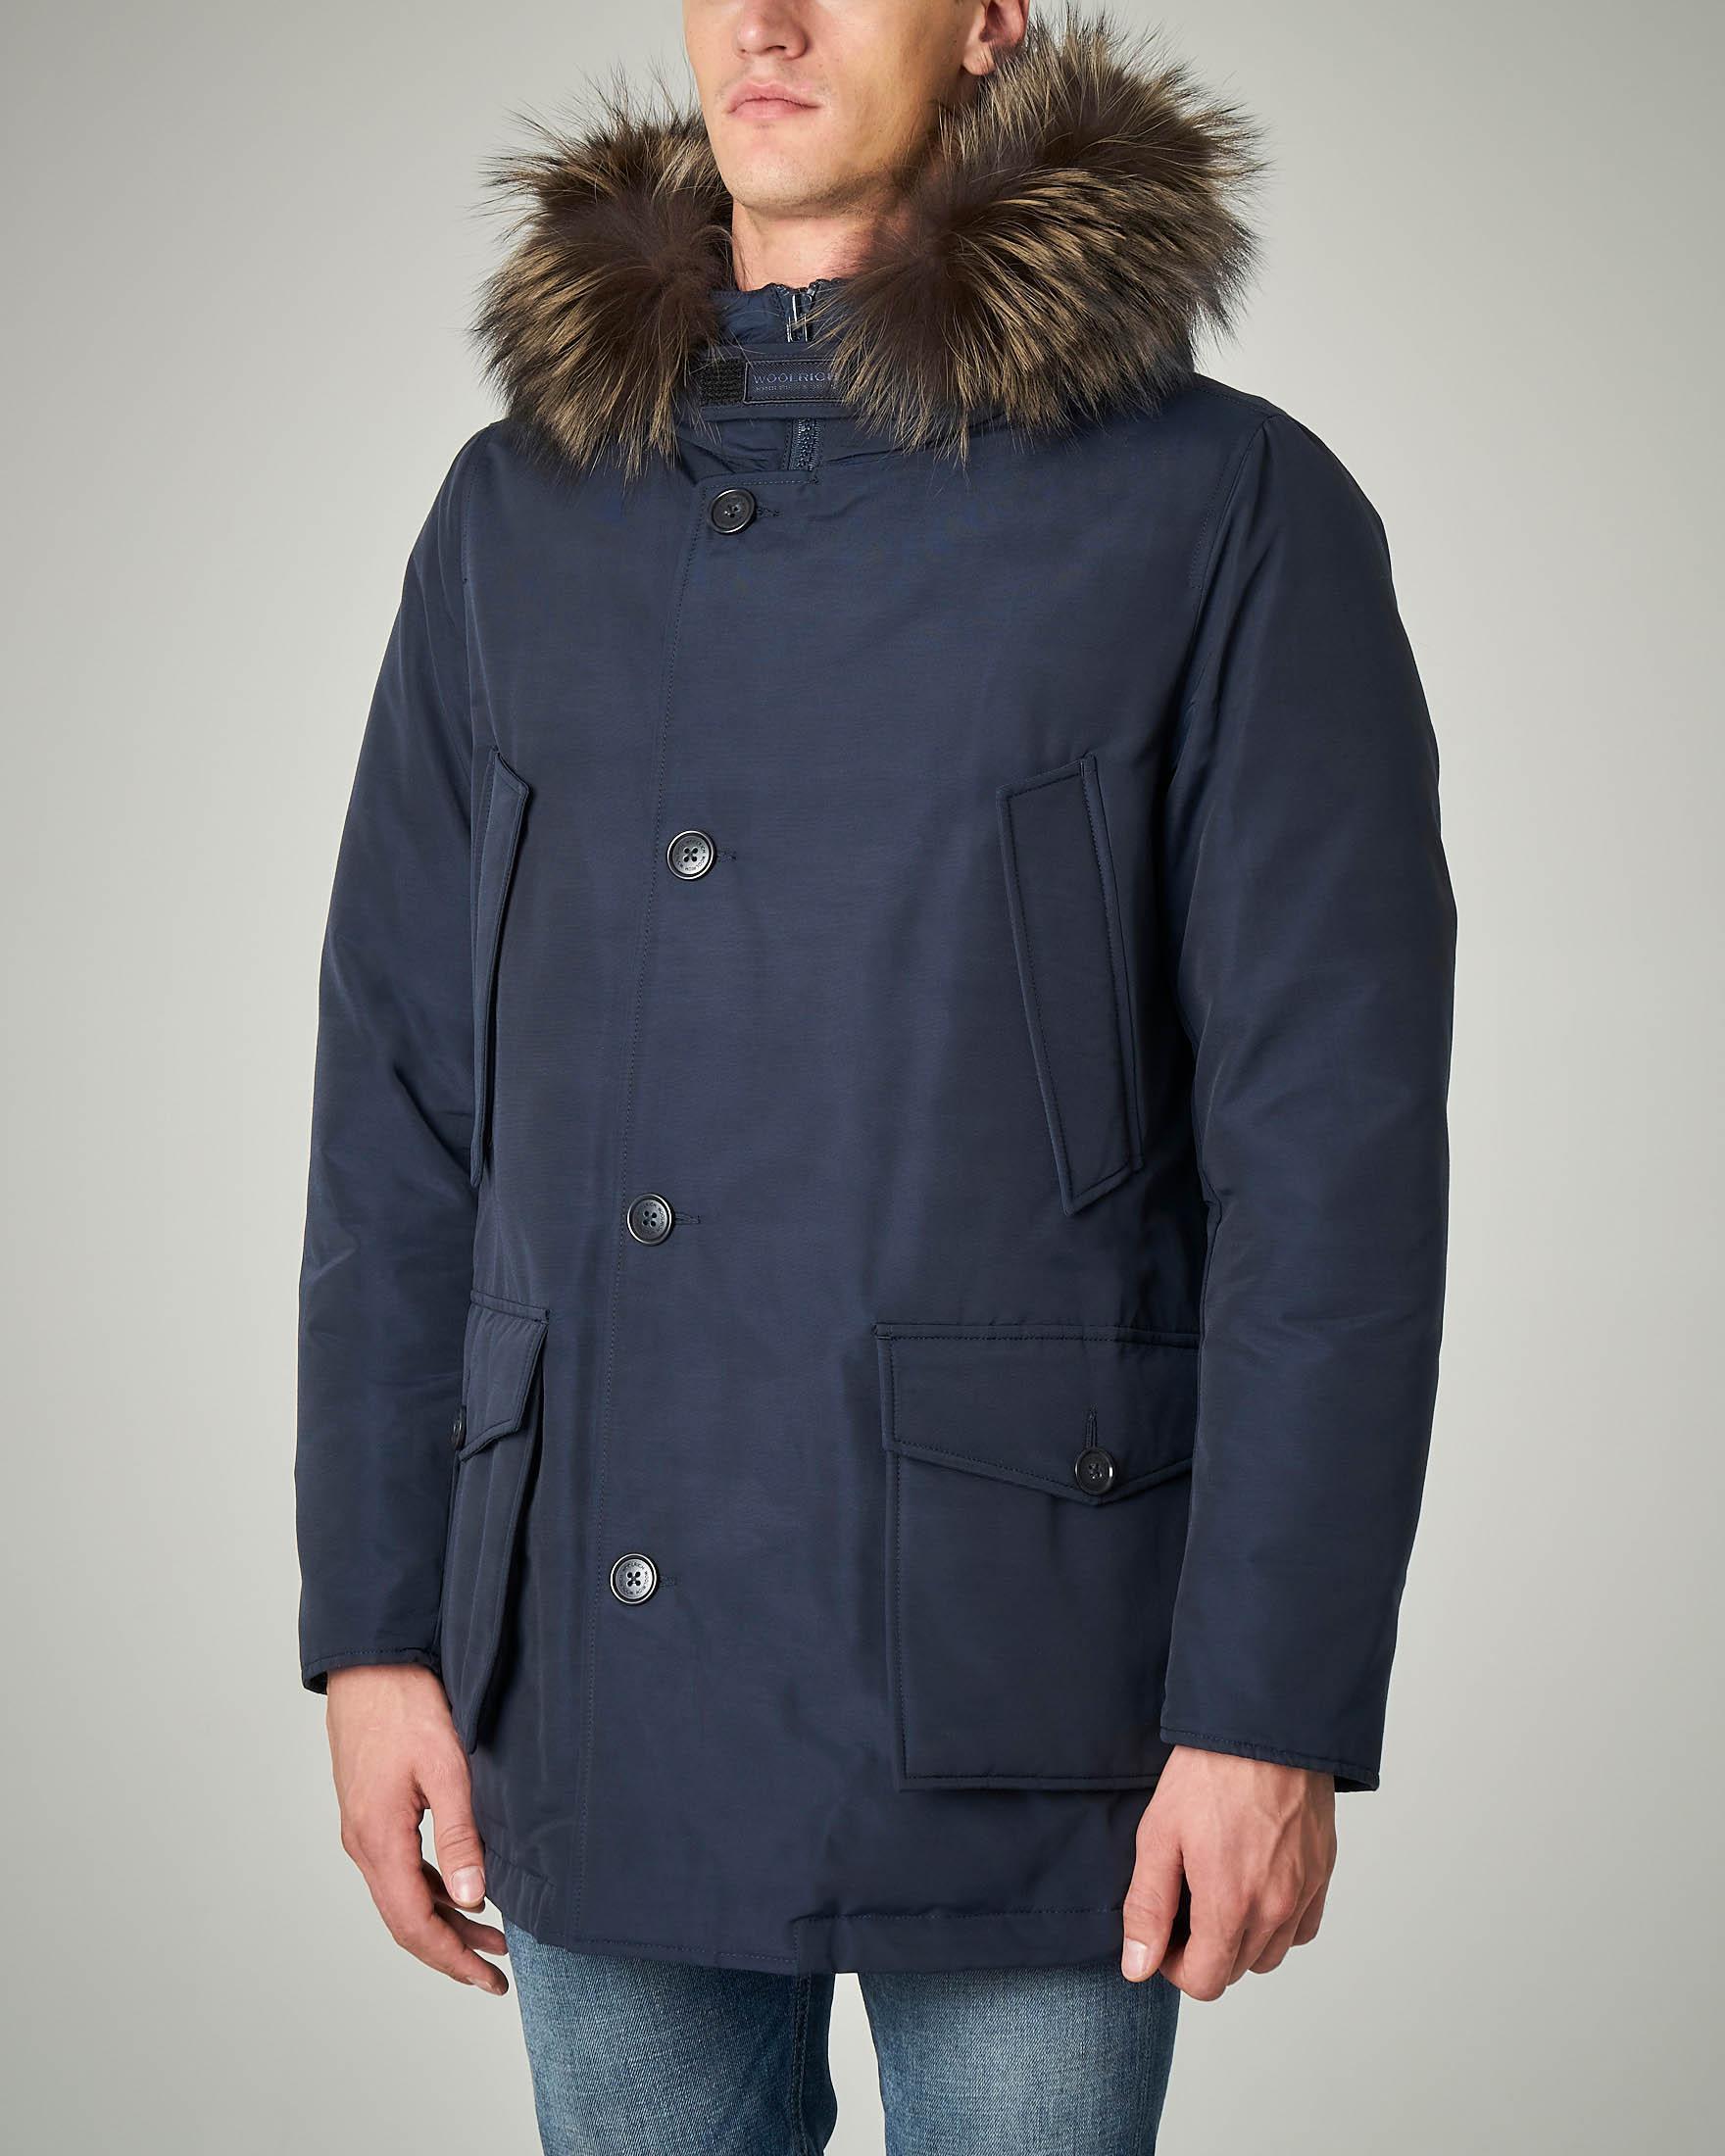 giacconi giacconi e Cappotti woolrich Cappotti Cappotti woolrich e e giacconi woolrich H1RIH